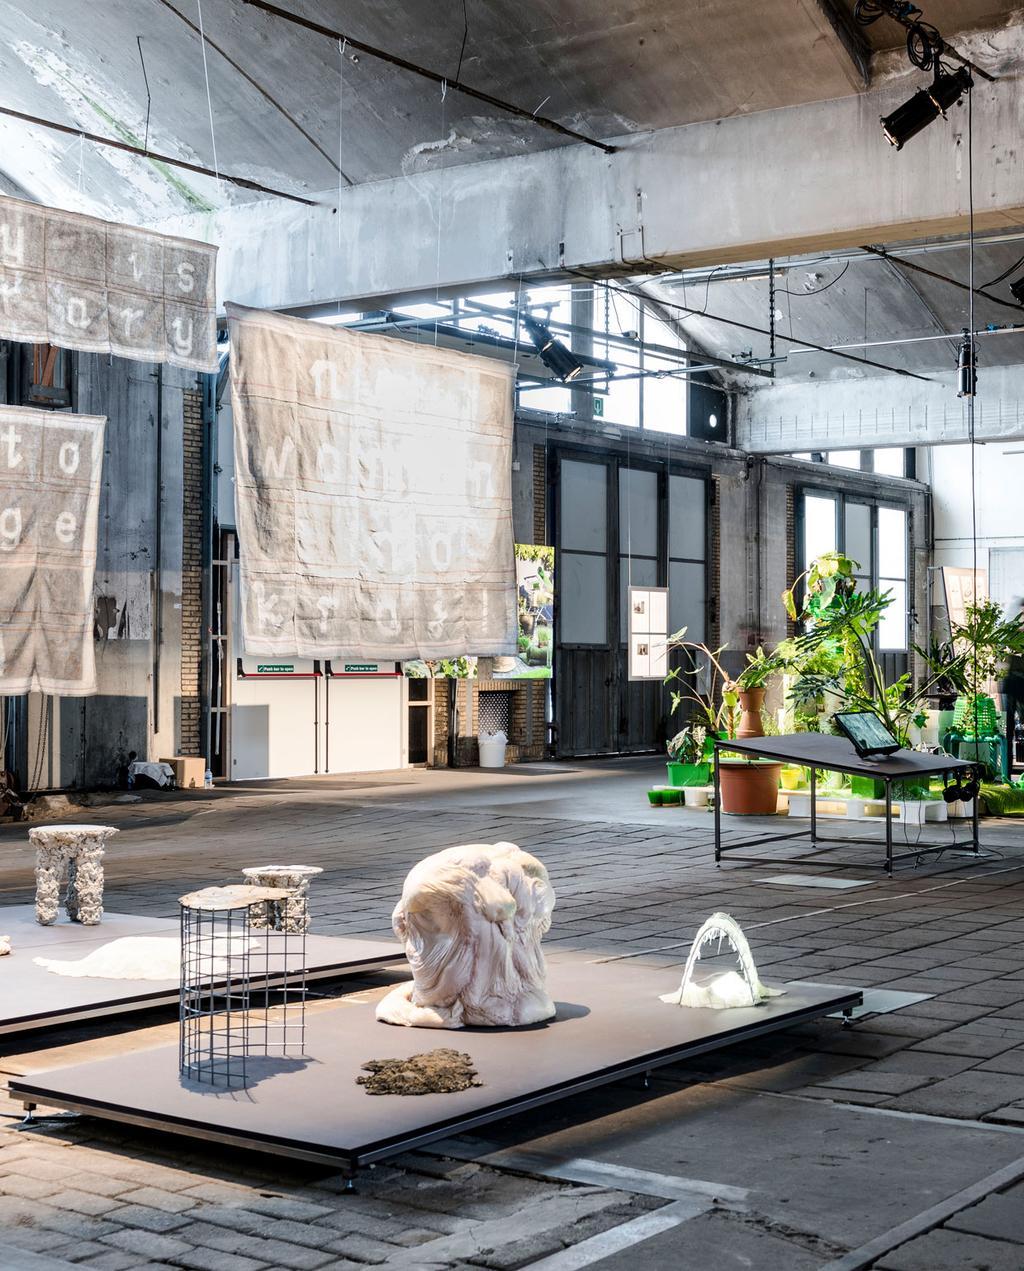 Dutch Design Week 2019 | vtwonen blog StudentDesign | Sjoerd Eickmans